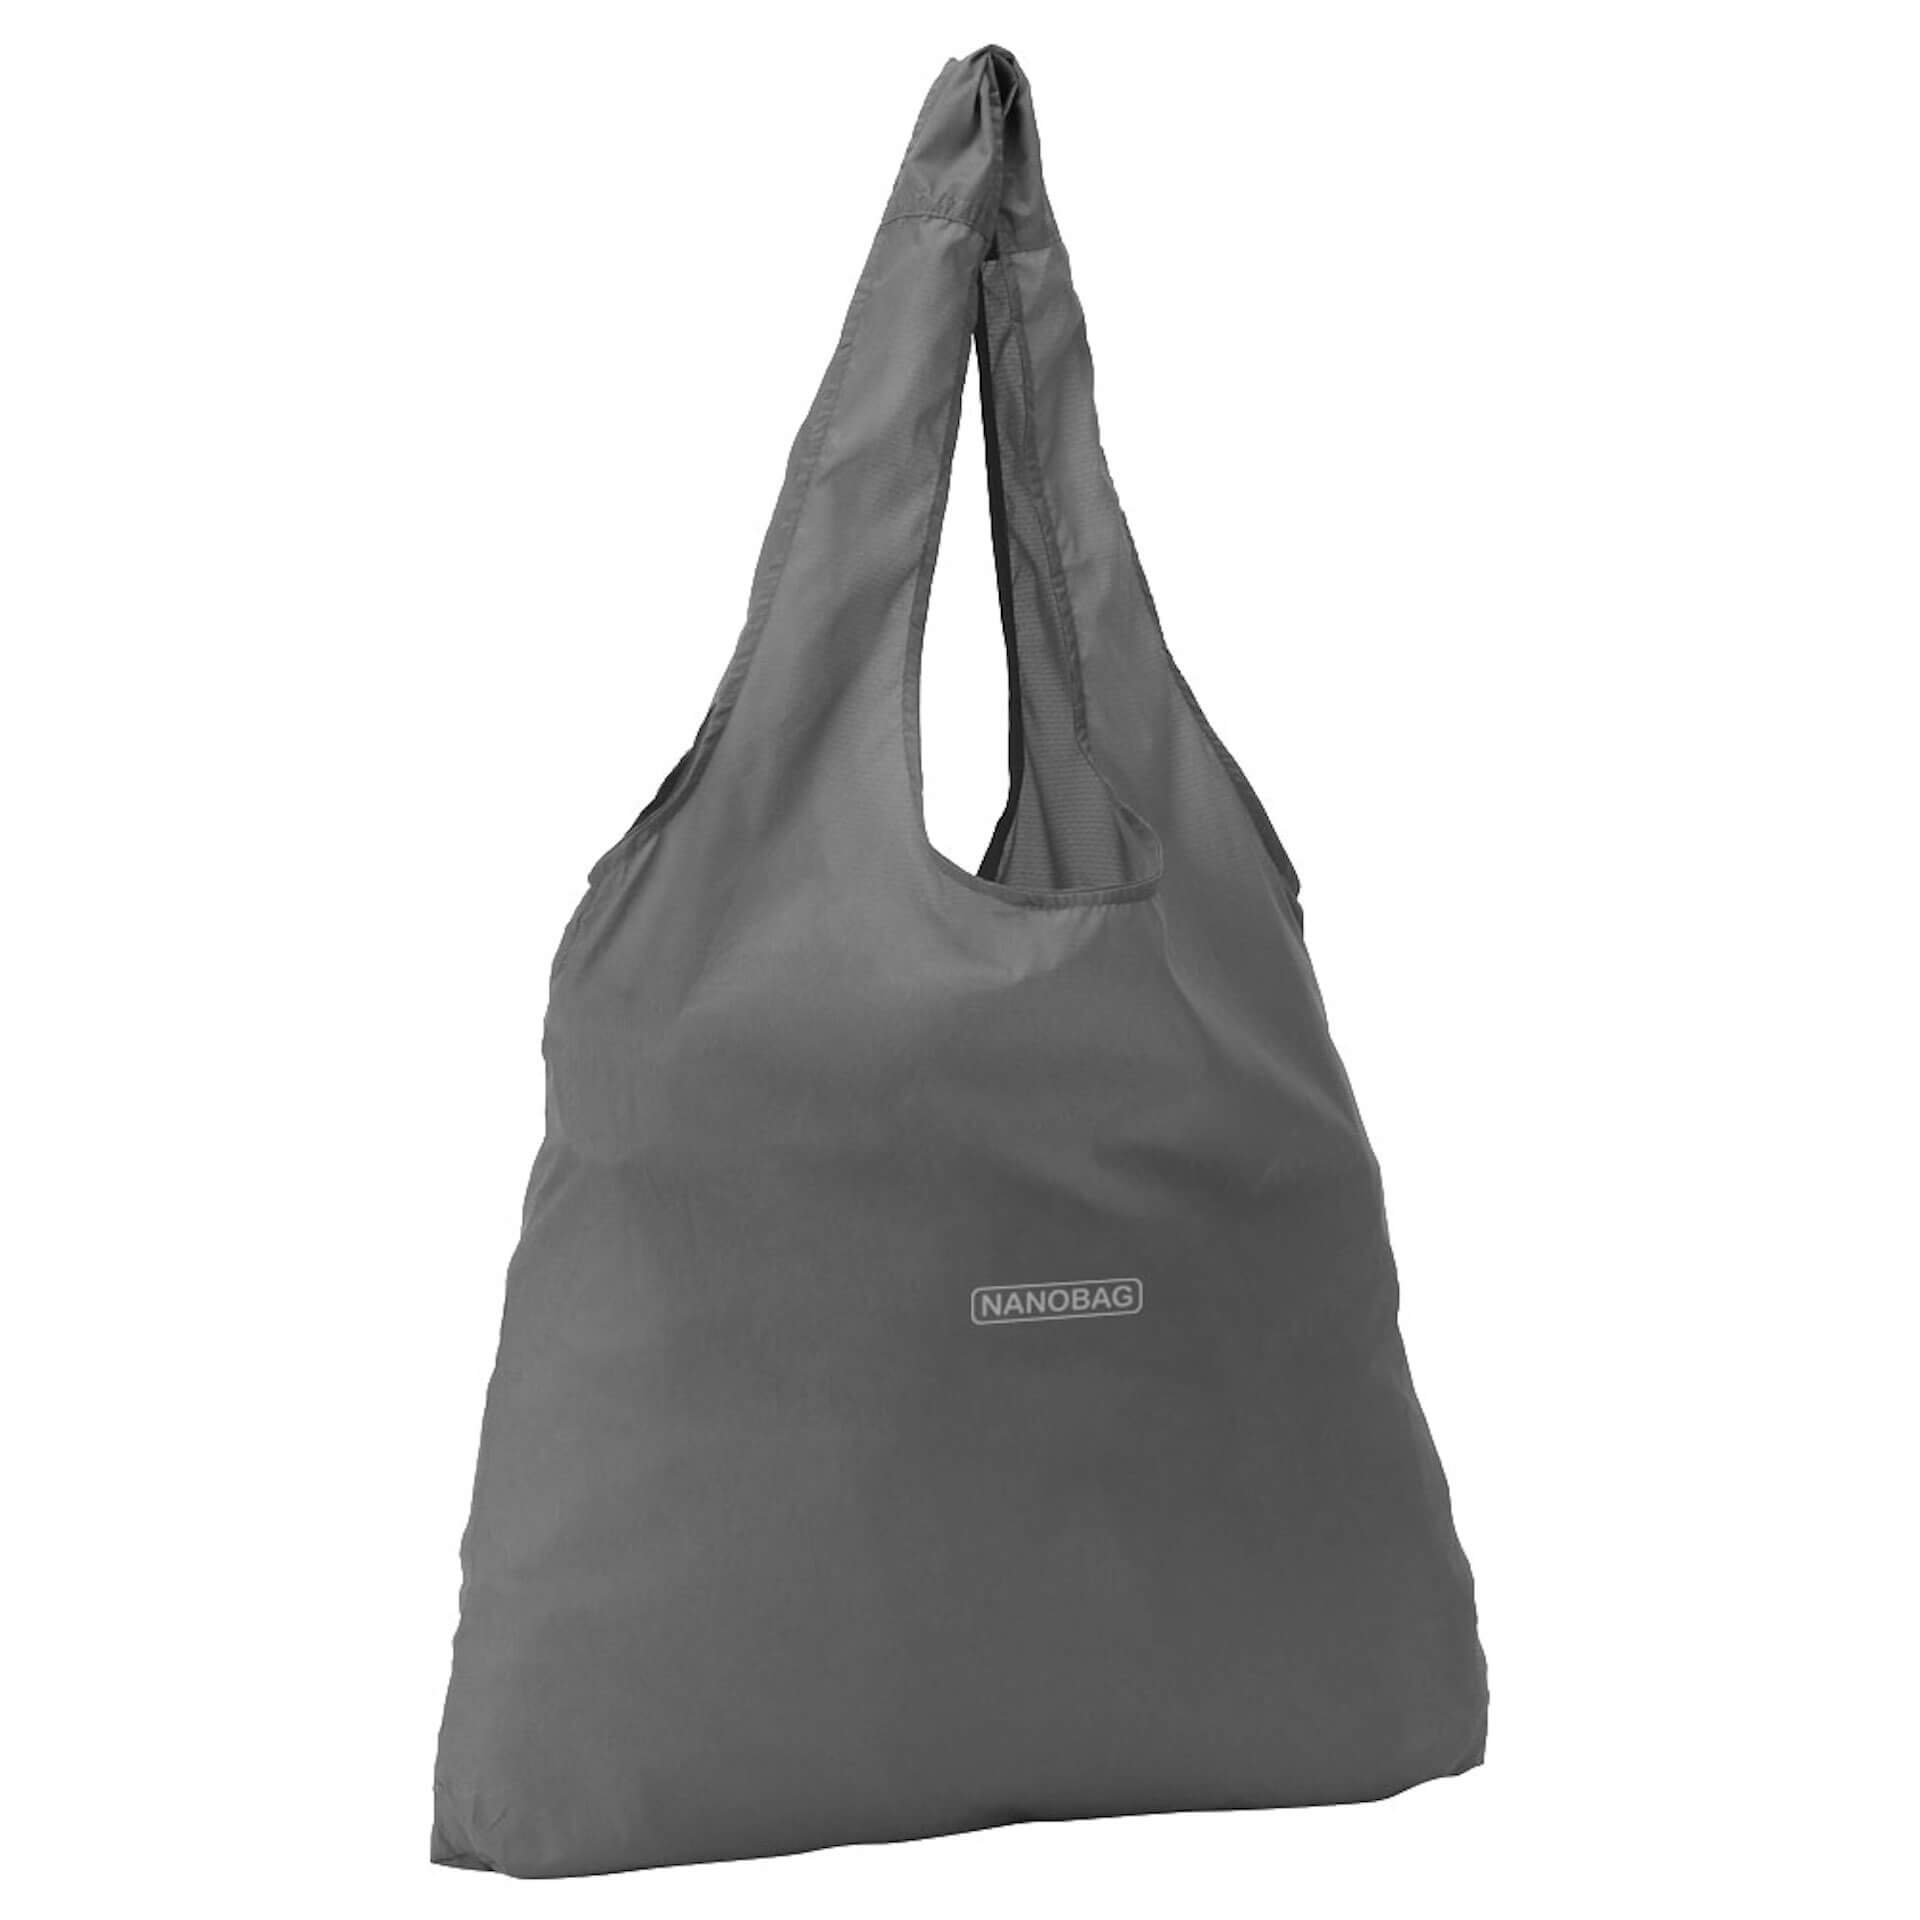 手のひらサイズのエコバッグ『NANOBAG』でお買い物しよう!全国販売を記念したTwitterプレゼントキャンペーンが実施 ac200714_nanobag_03